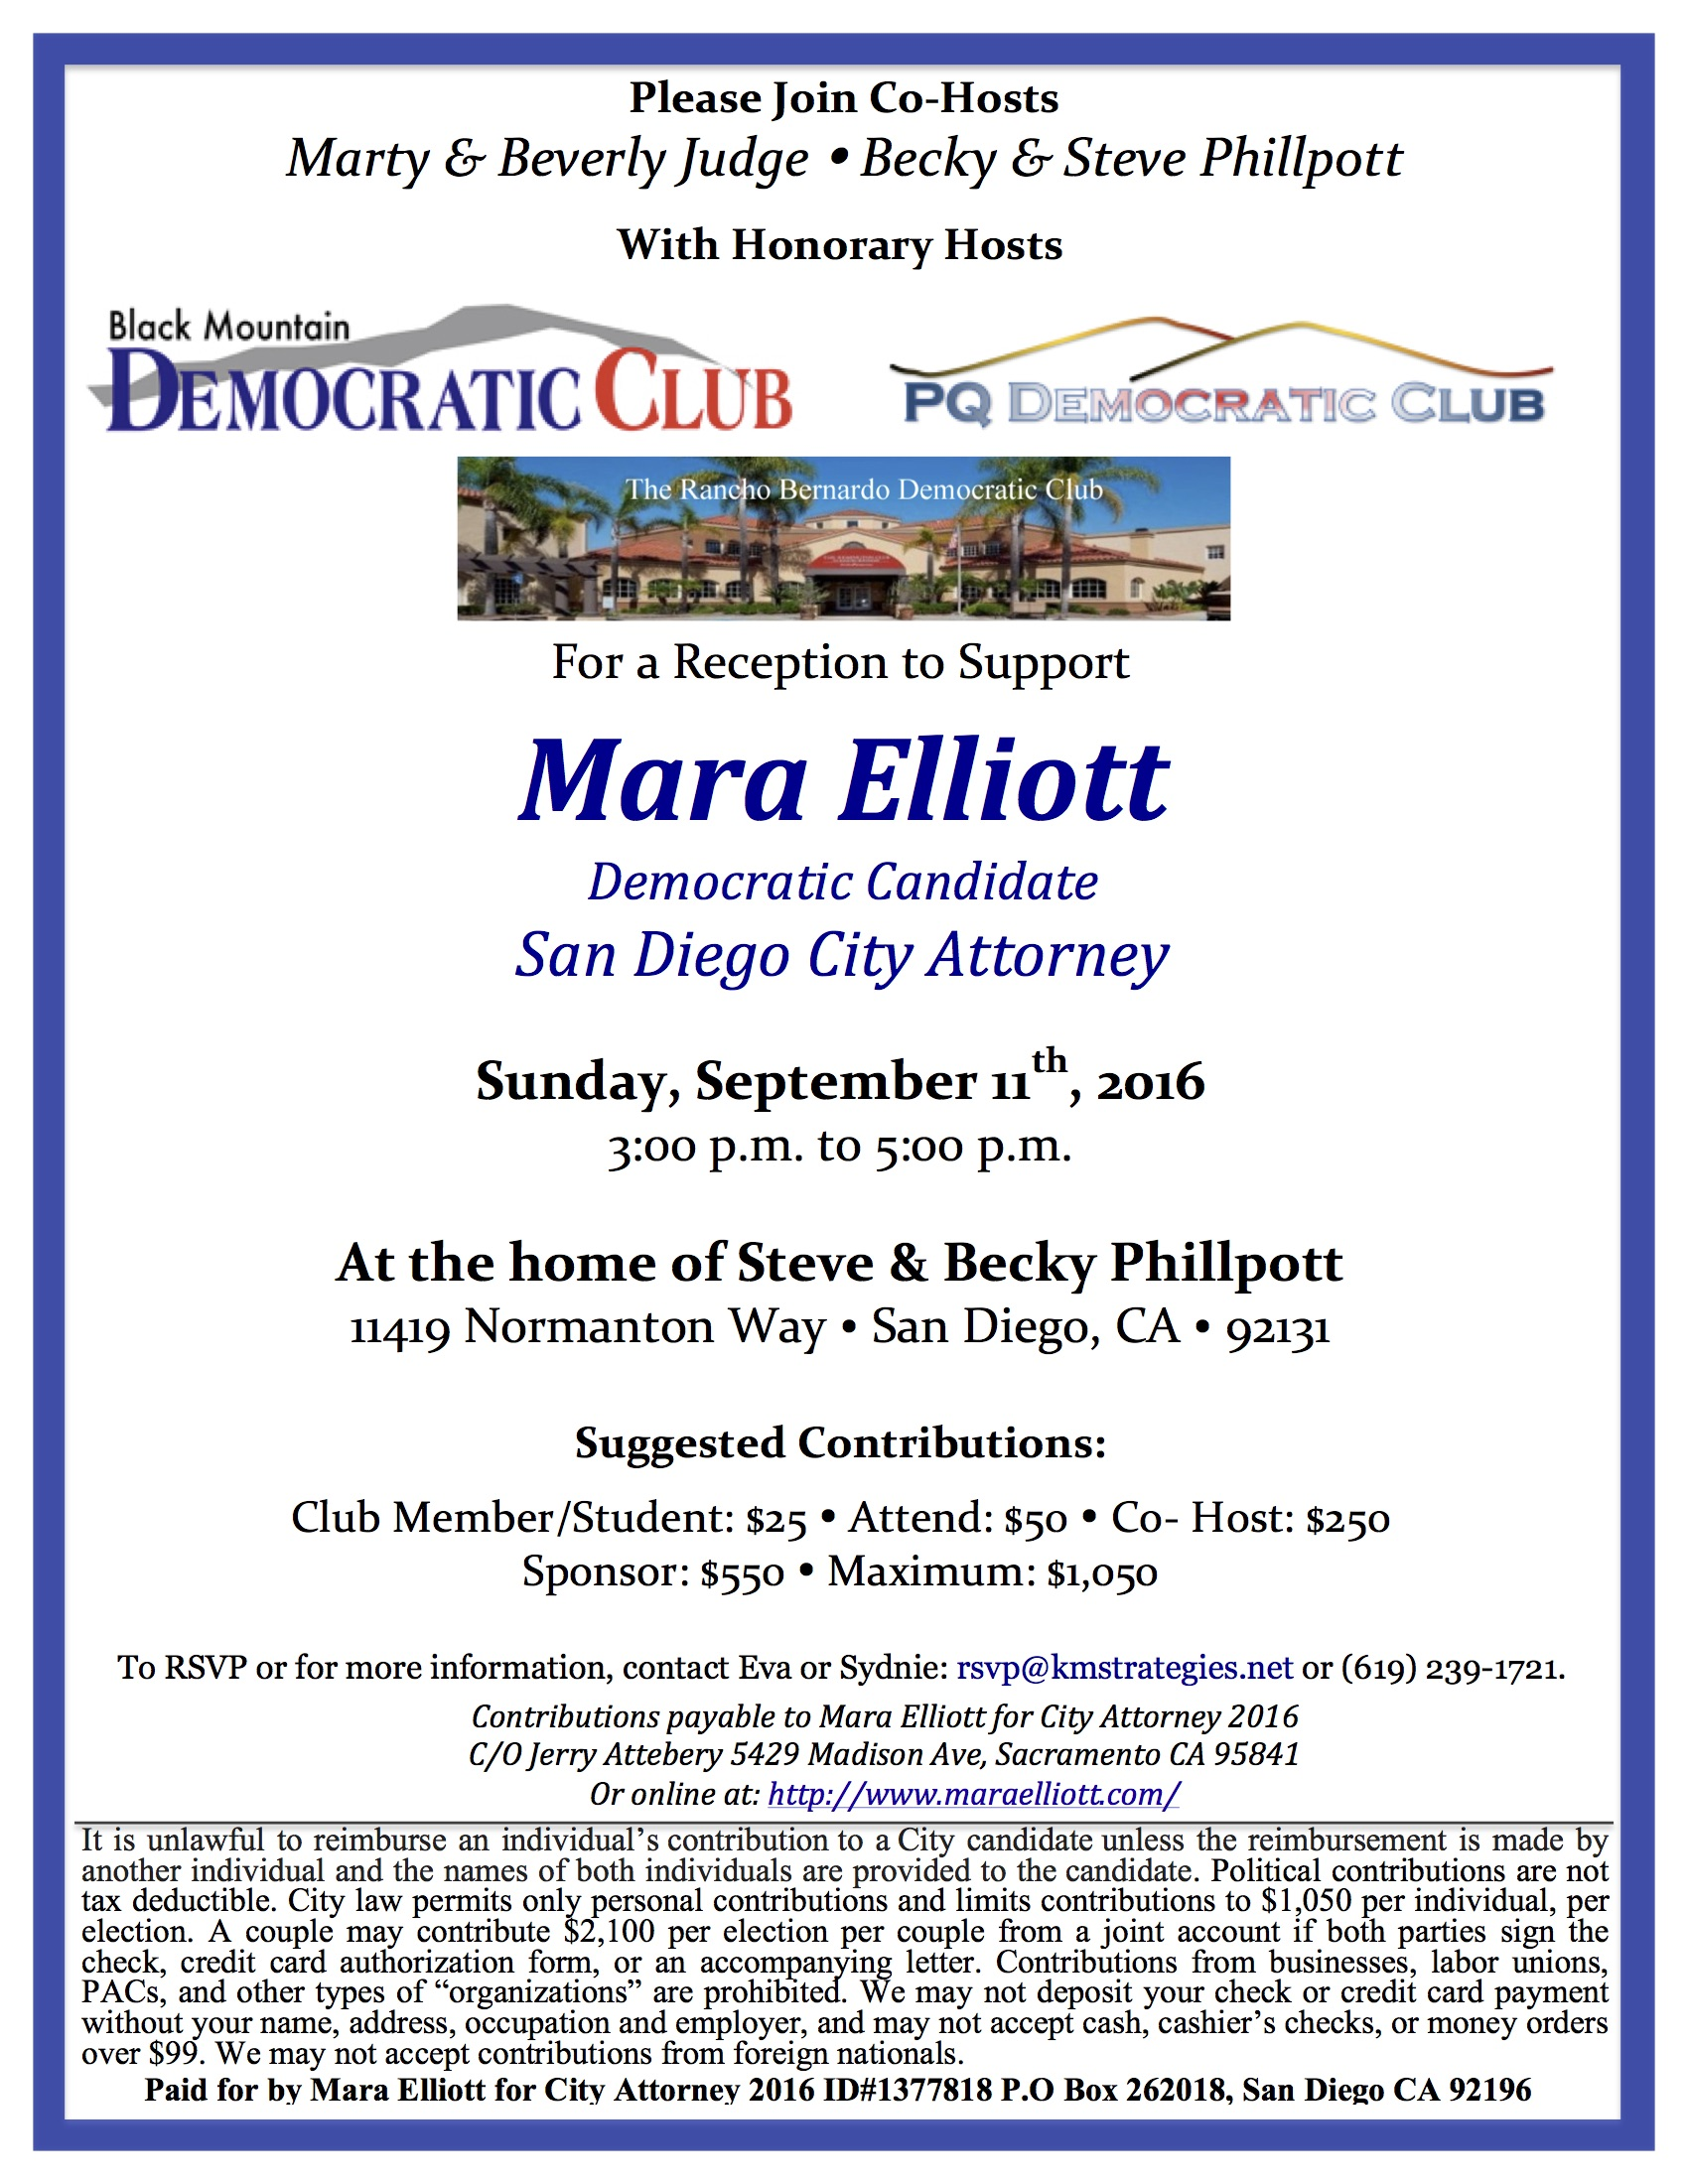 9.11.16_Phillpott_Invite.jpg